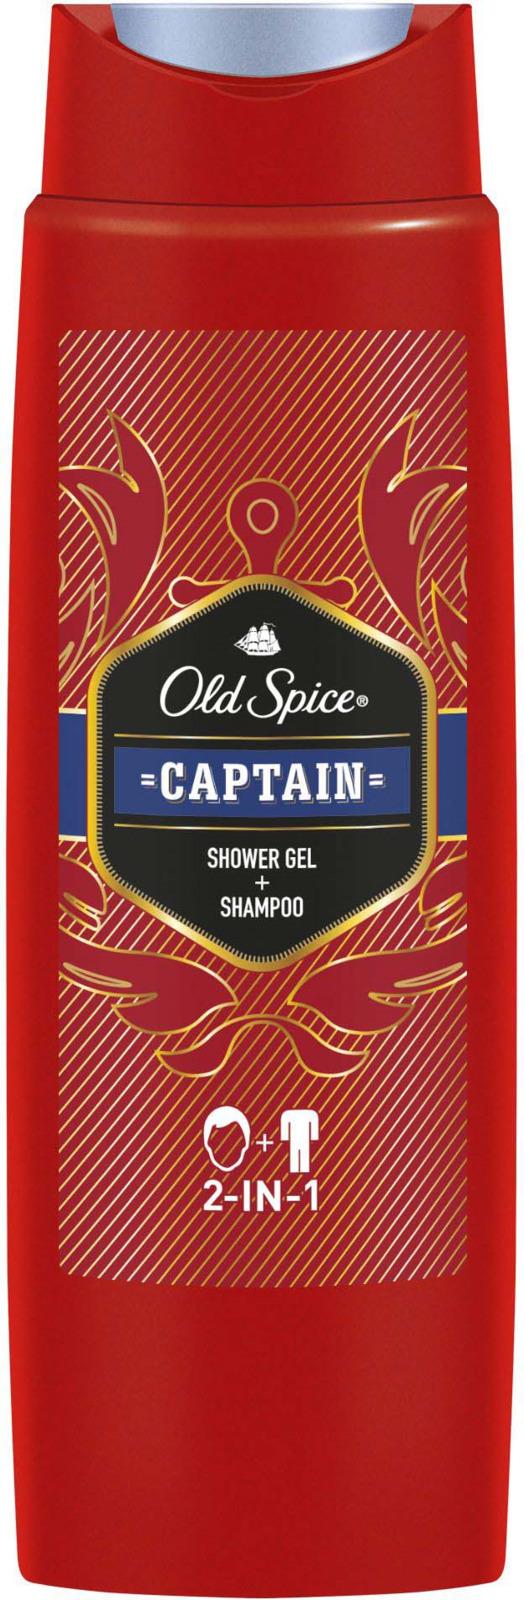 Гель для душа Old Spice Captain 2 в 1, 250 мл